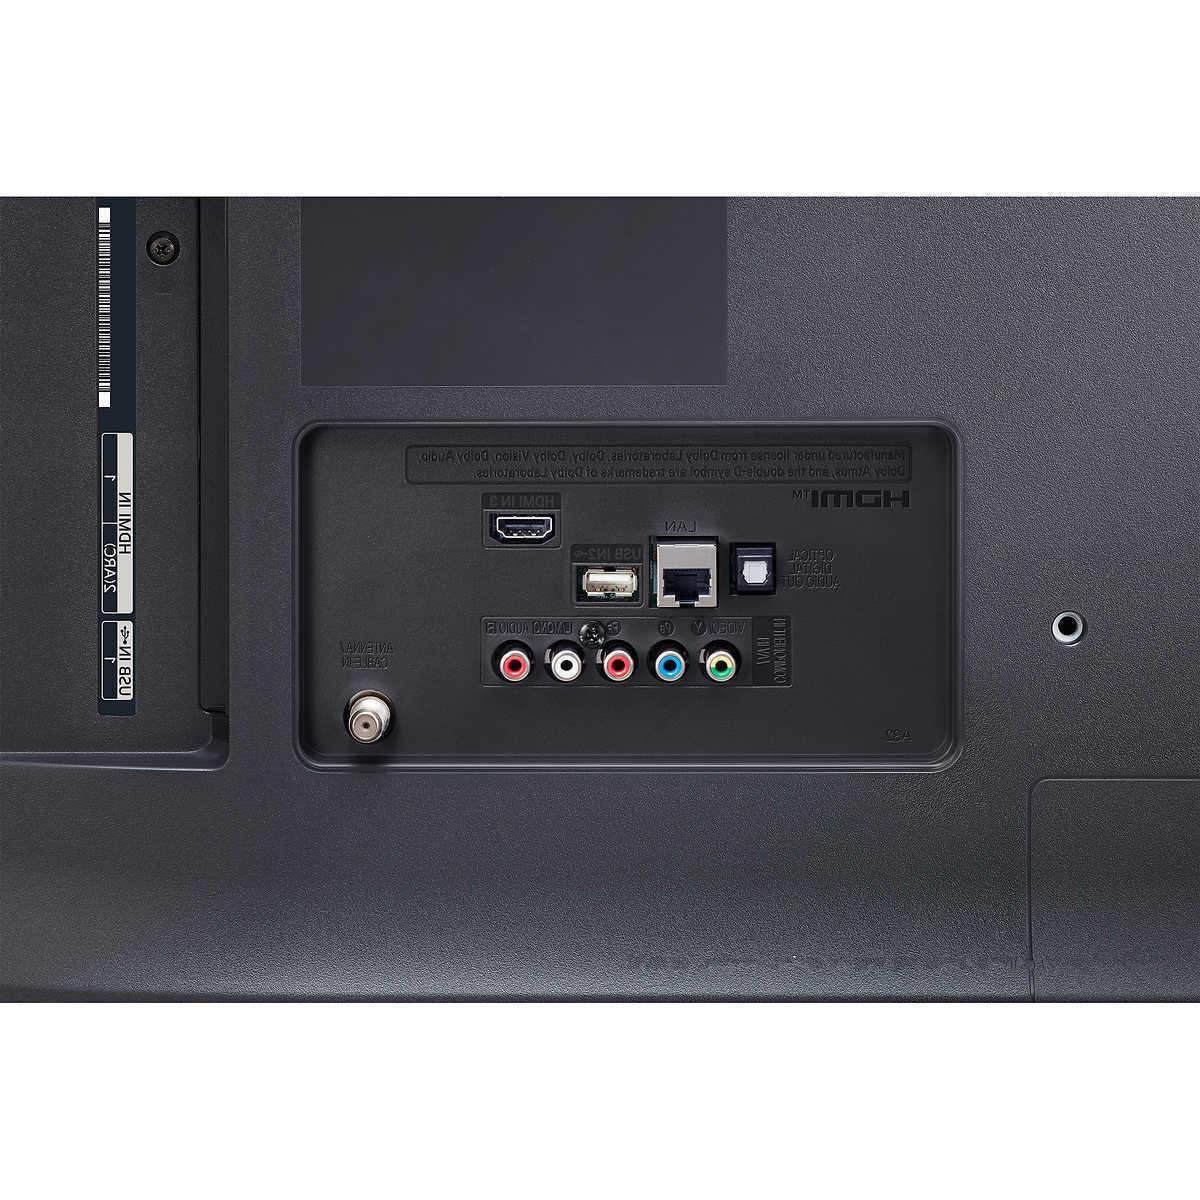 LG - UN7300 - 4K UHD TV